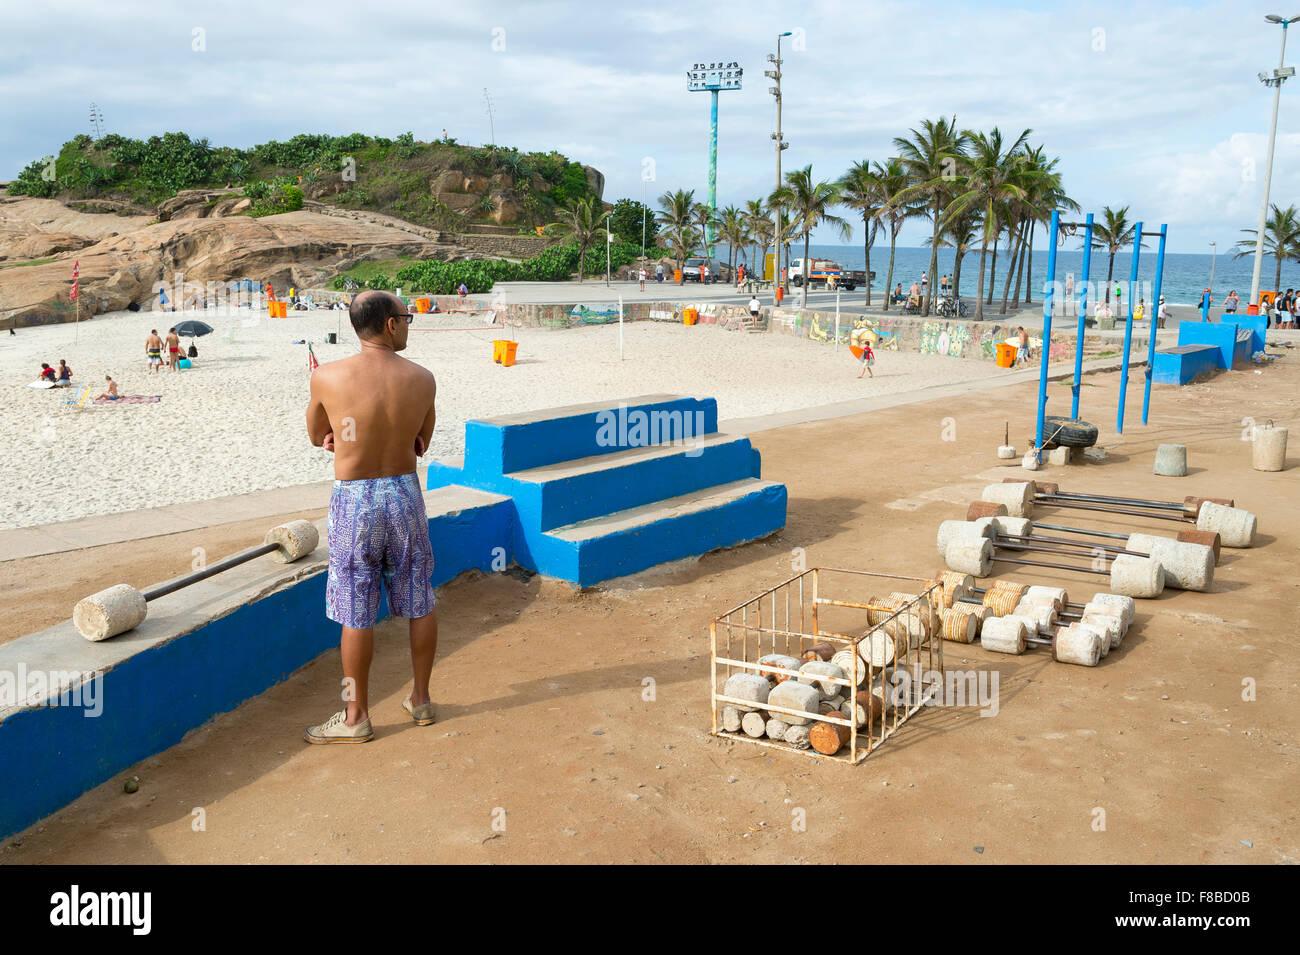 RIO DE JANEIRO, BRAZIL - FEBRUARY 12, 2015: Brazilian man exercises at an outdoor workout station at Arpoador near - Stock Image